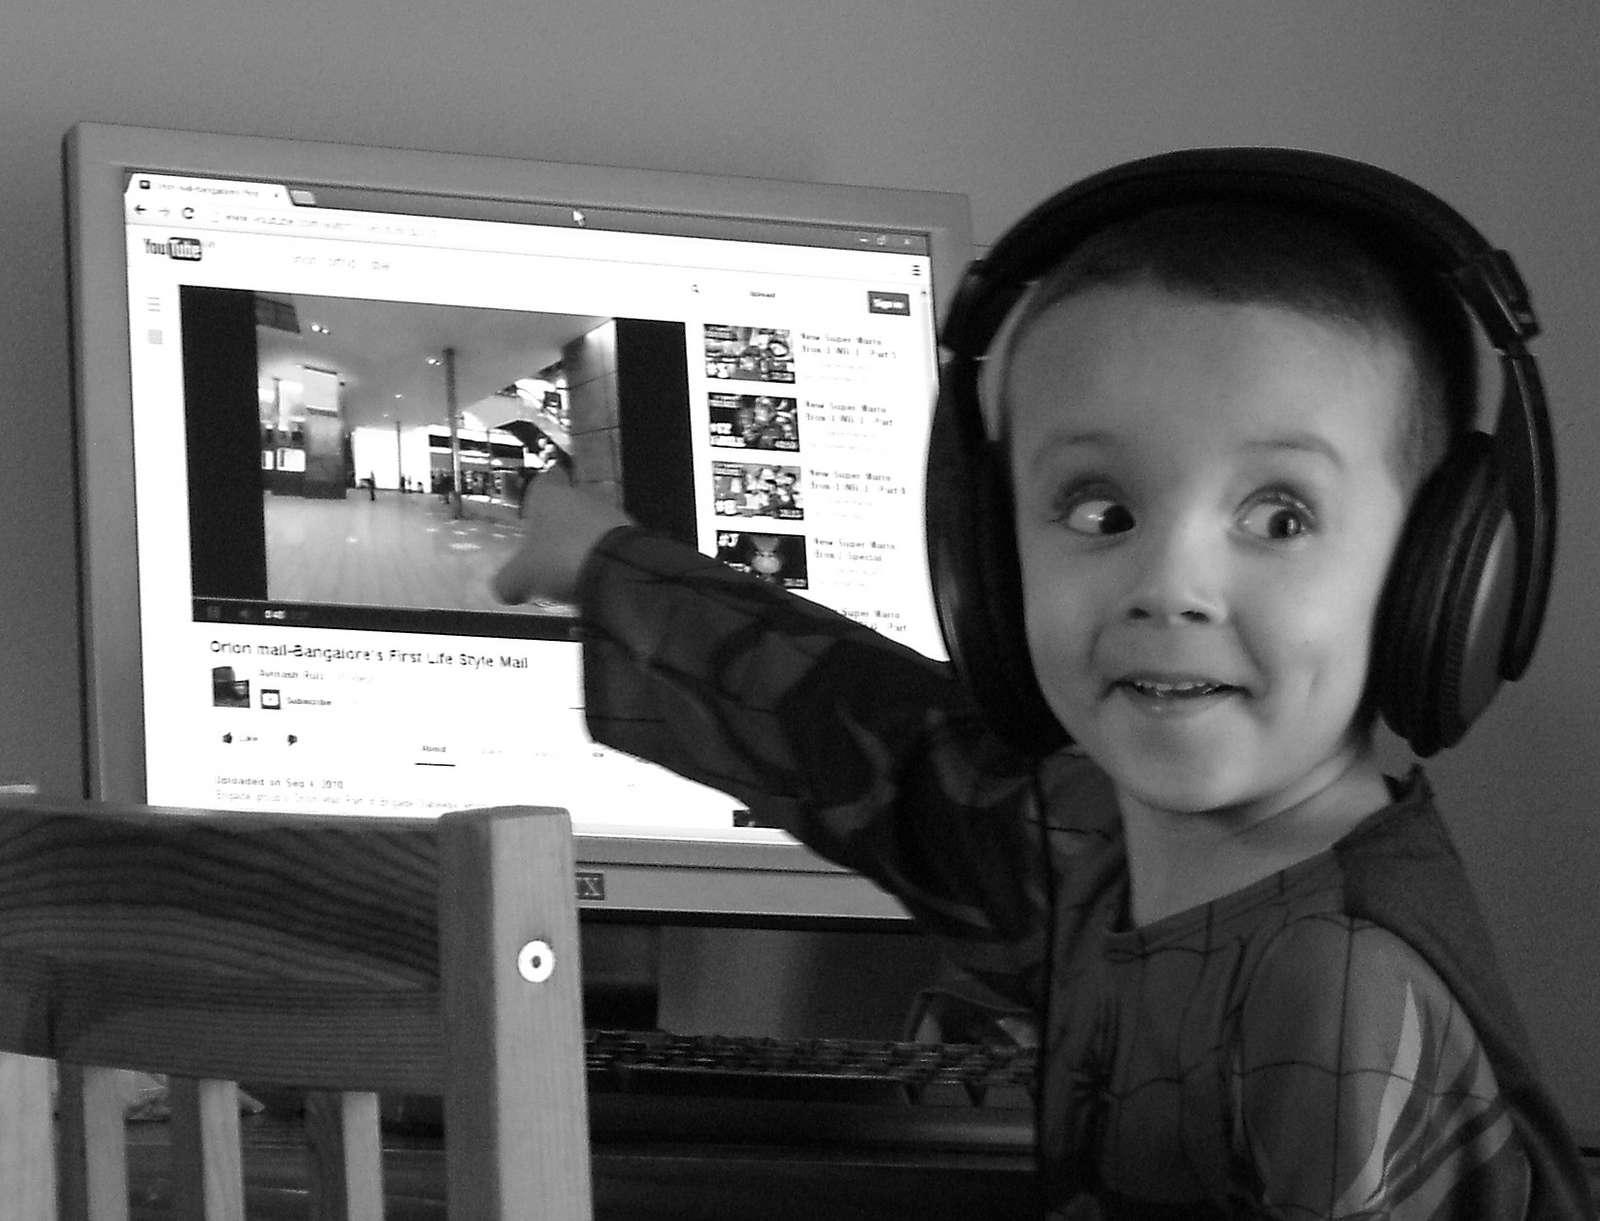 Los chicos de ahora usan Youtube desde los 3 años, pero a los 20 no saben entrar a la BIOS.